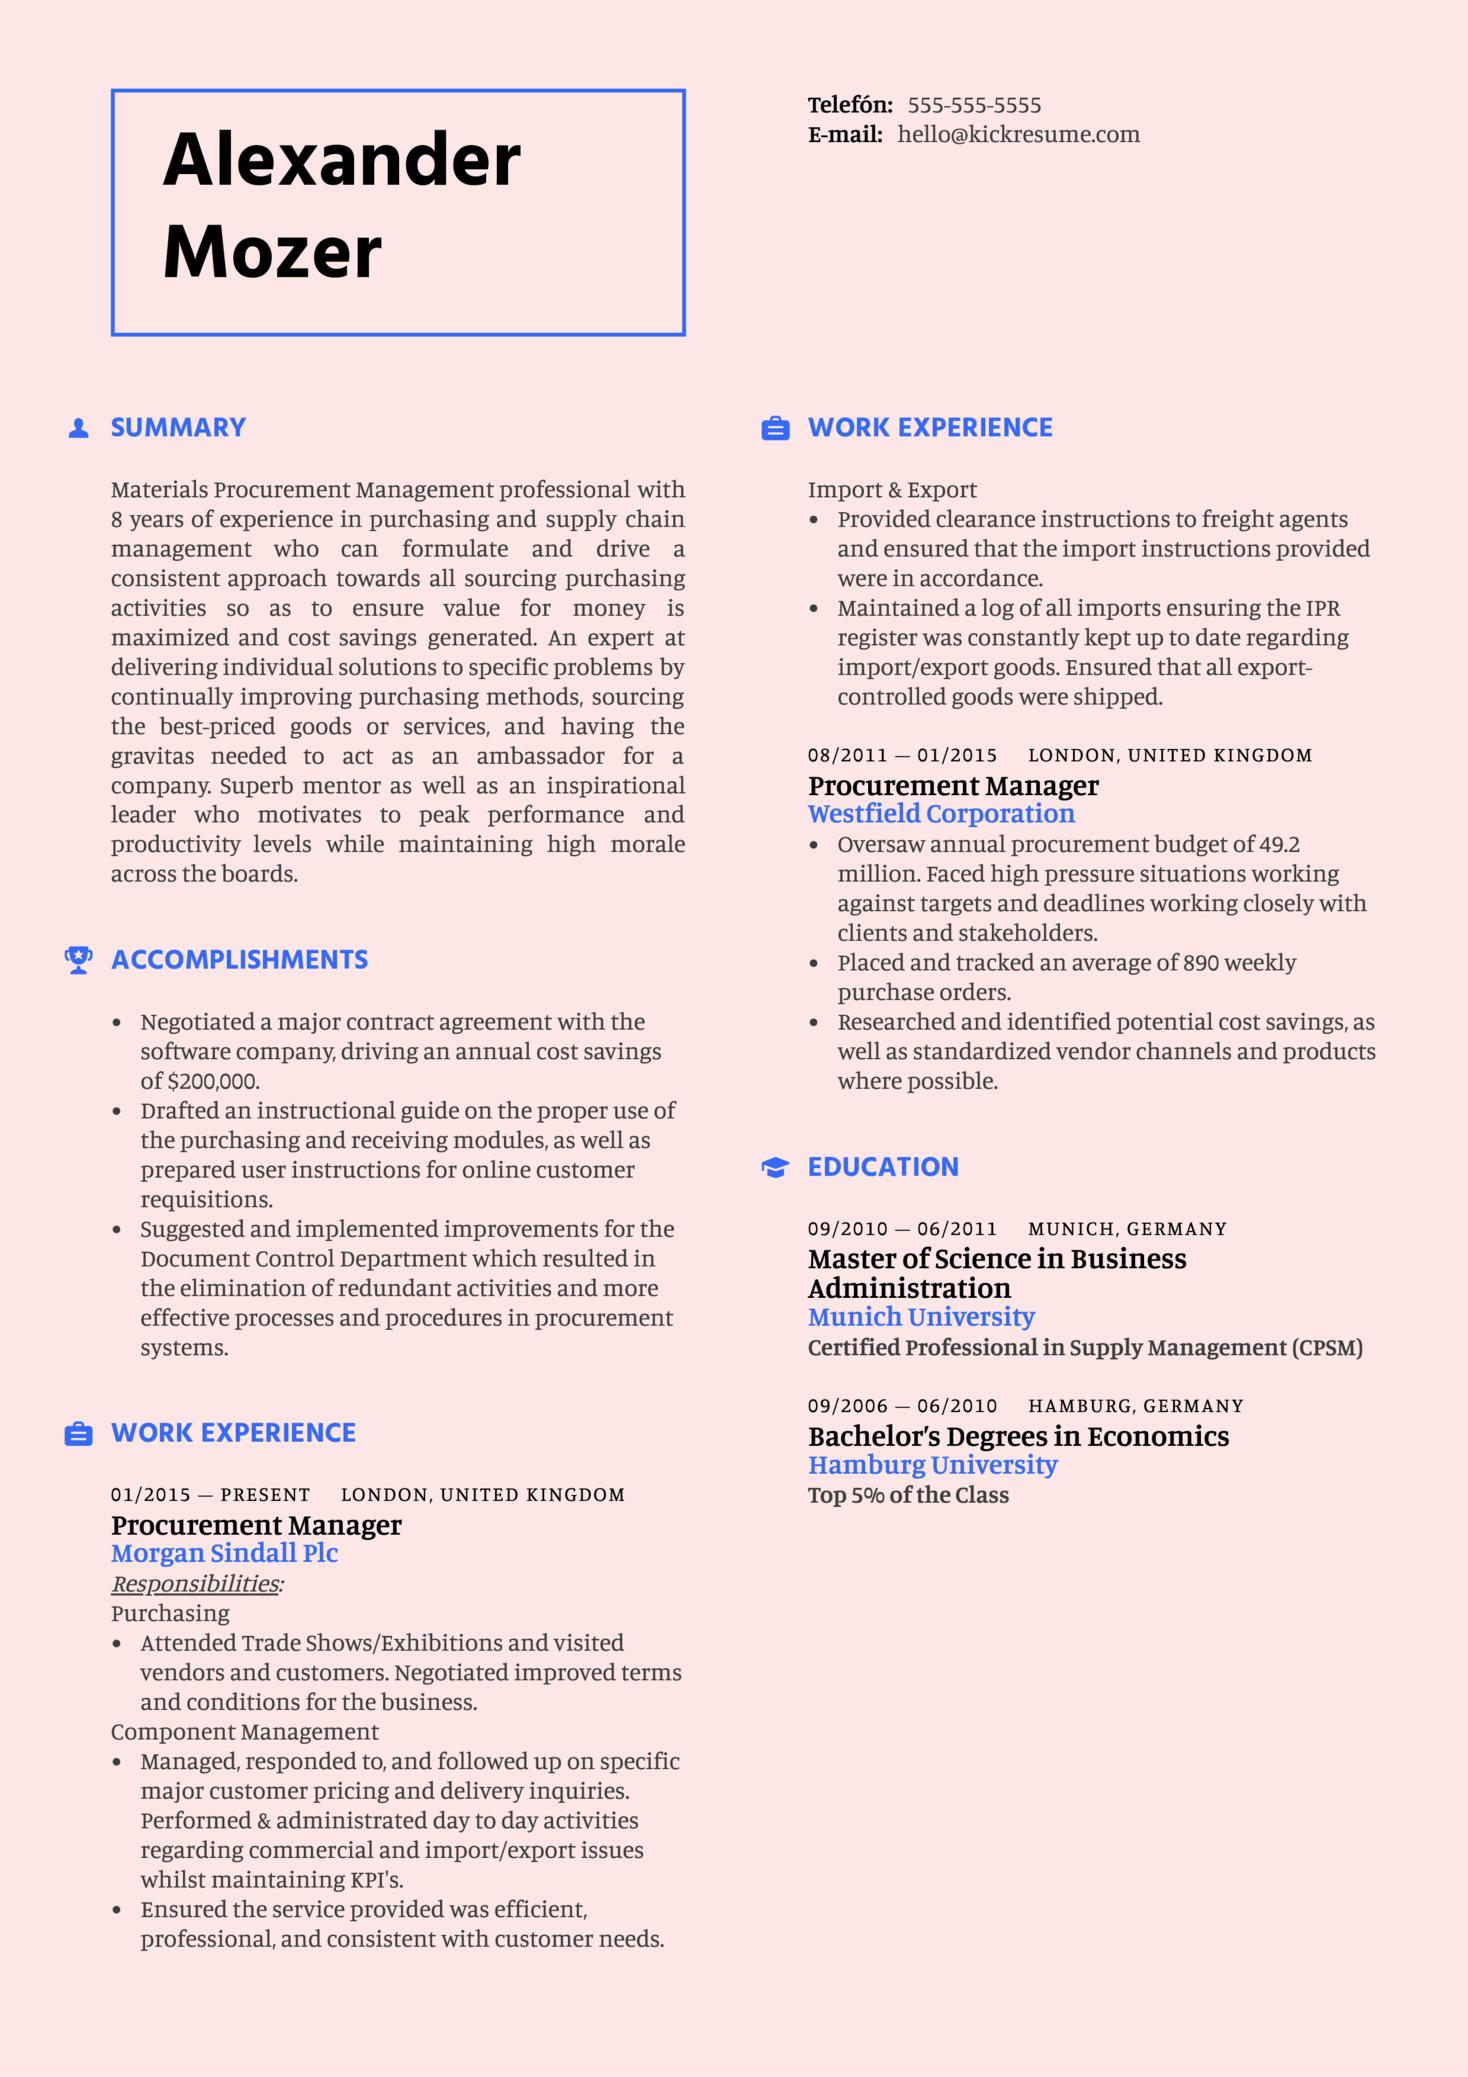 Procurement Manager Resume Sample (Teil 1)